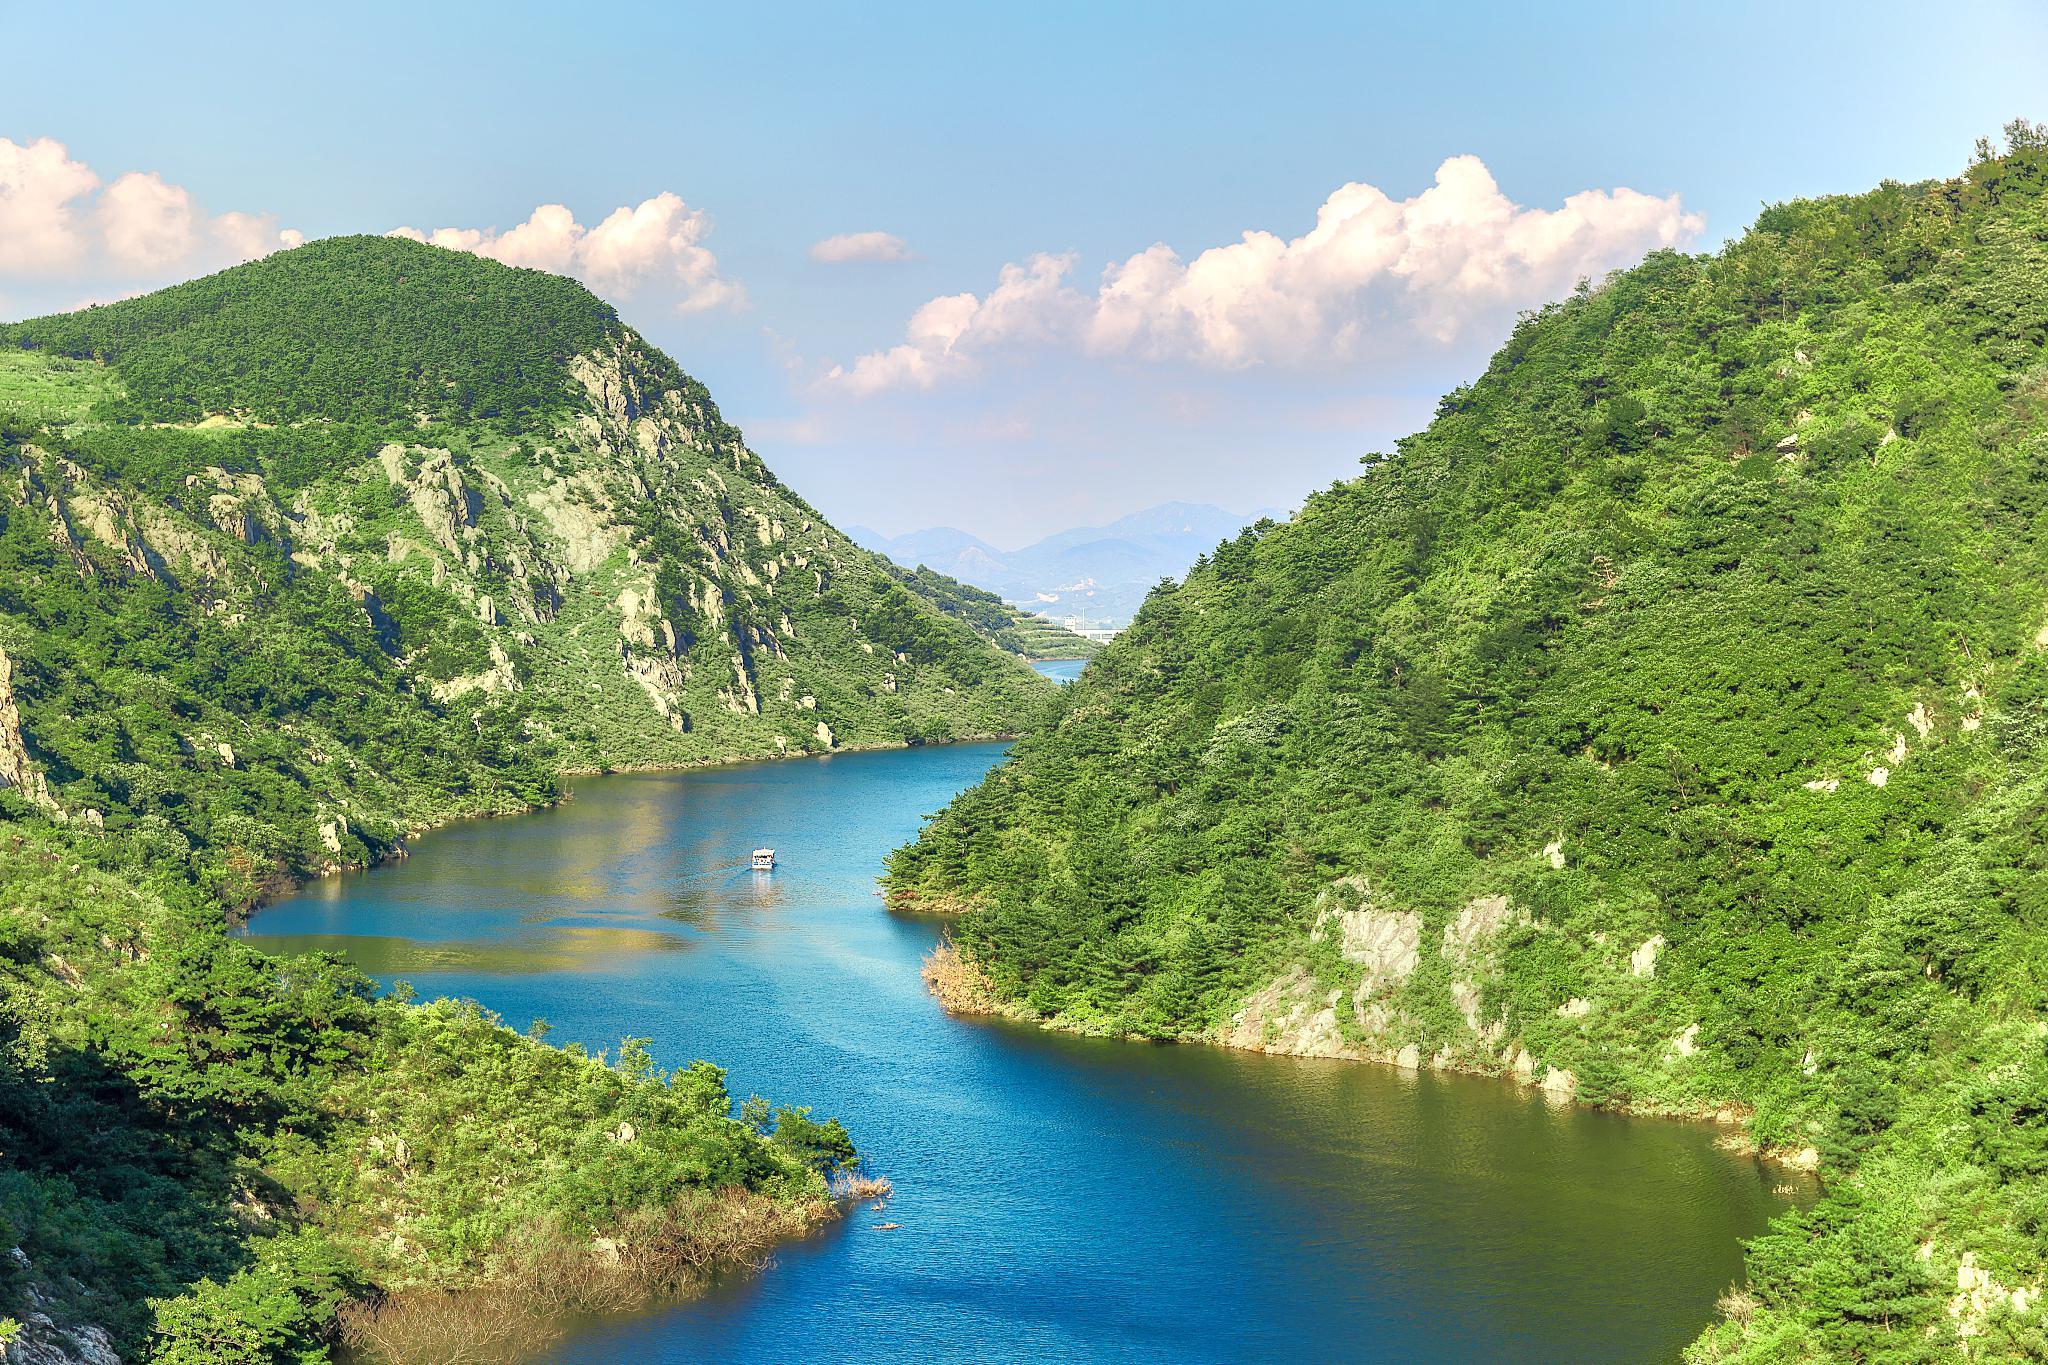 Jiuxian Mountain Scenic Area